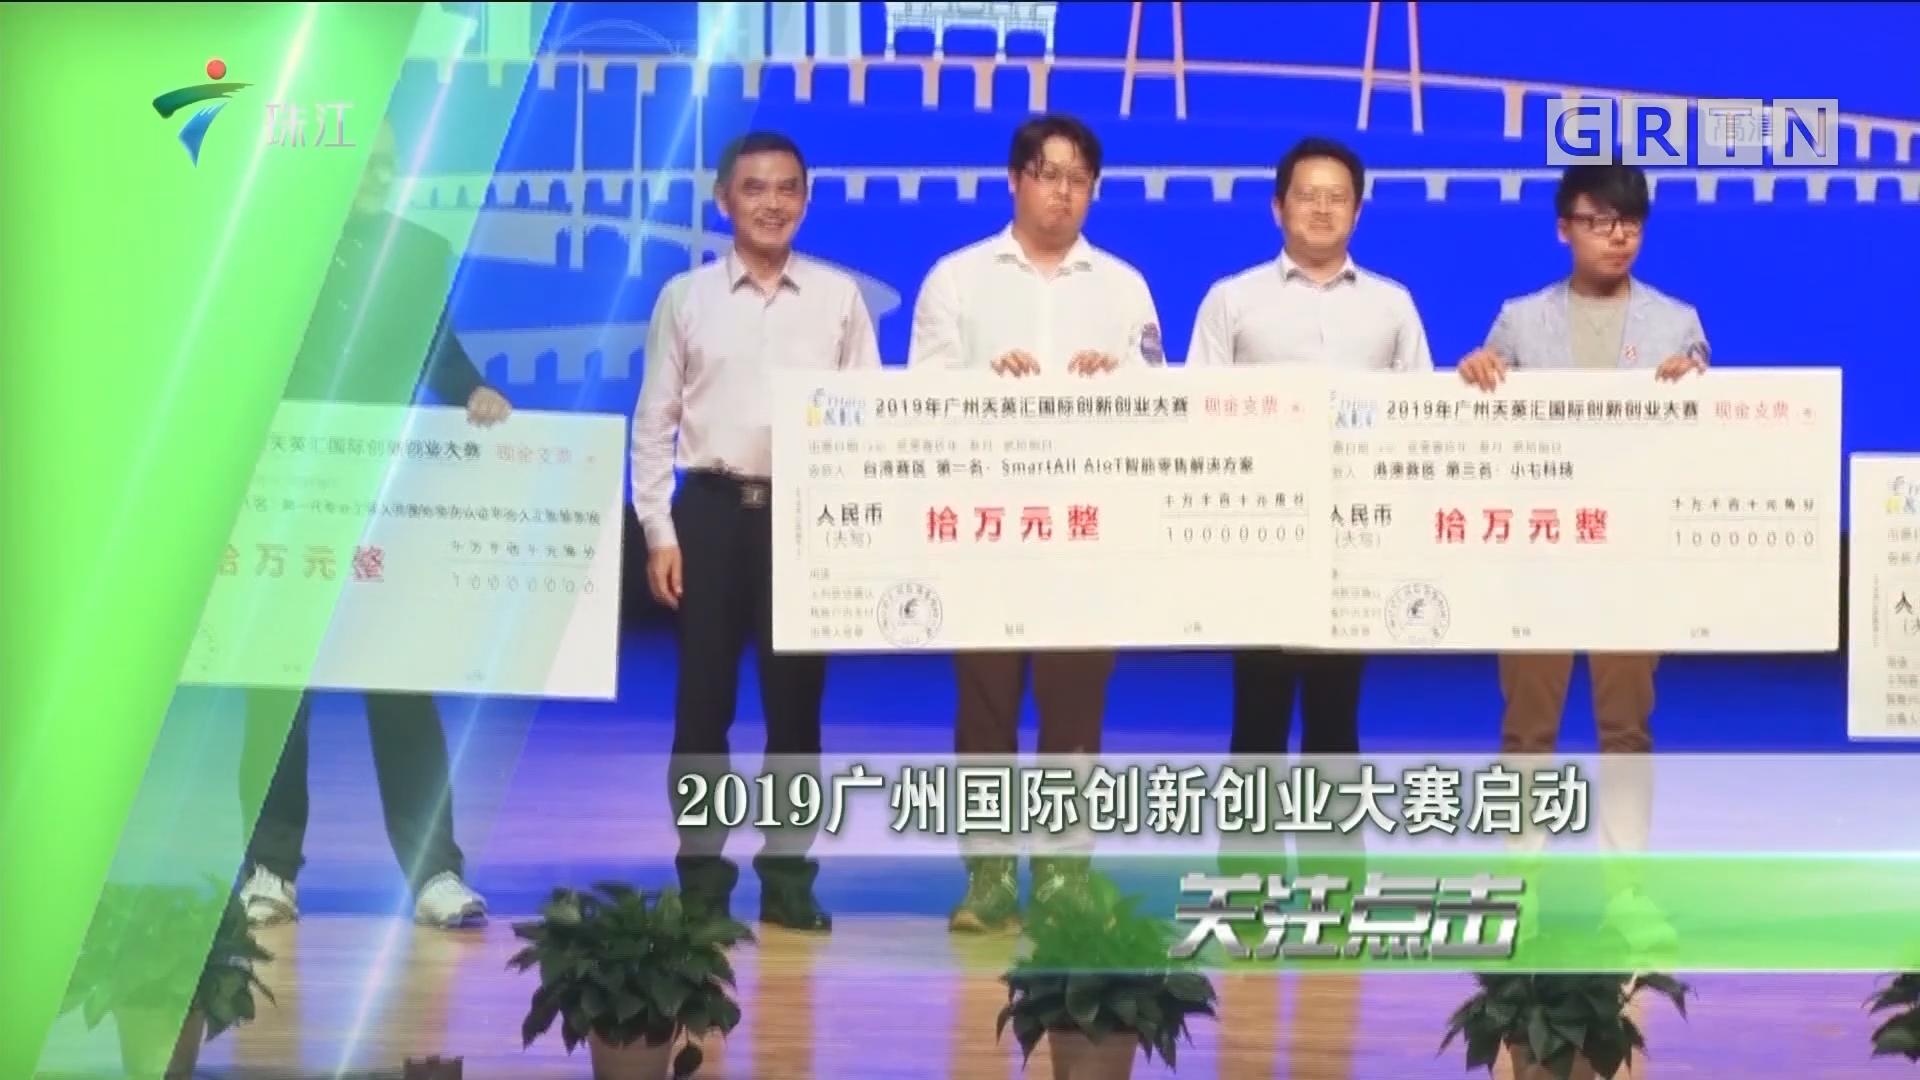 2019广州国际创新创业大赛启动